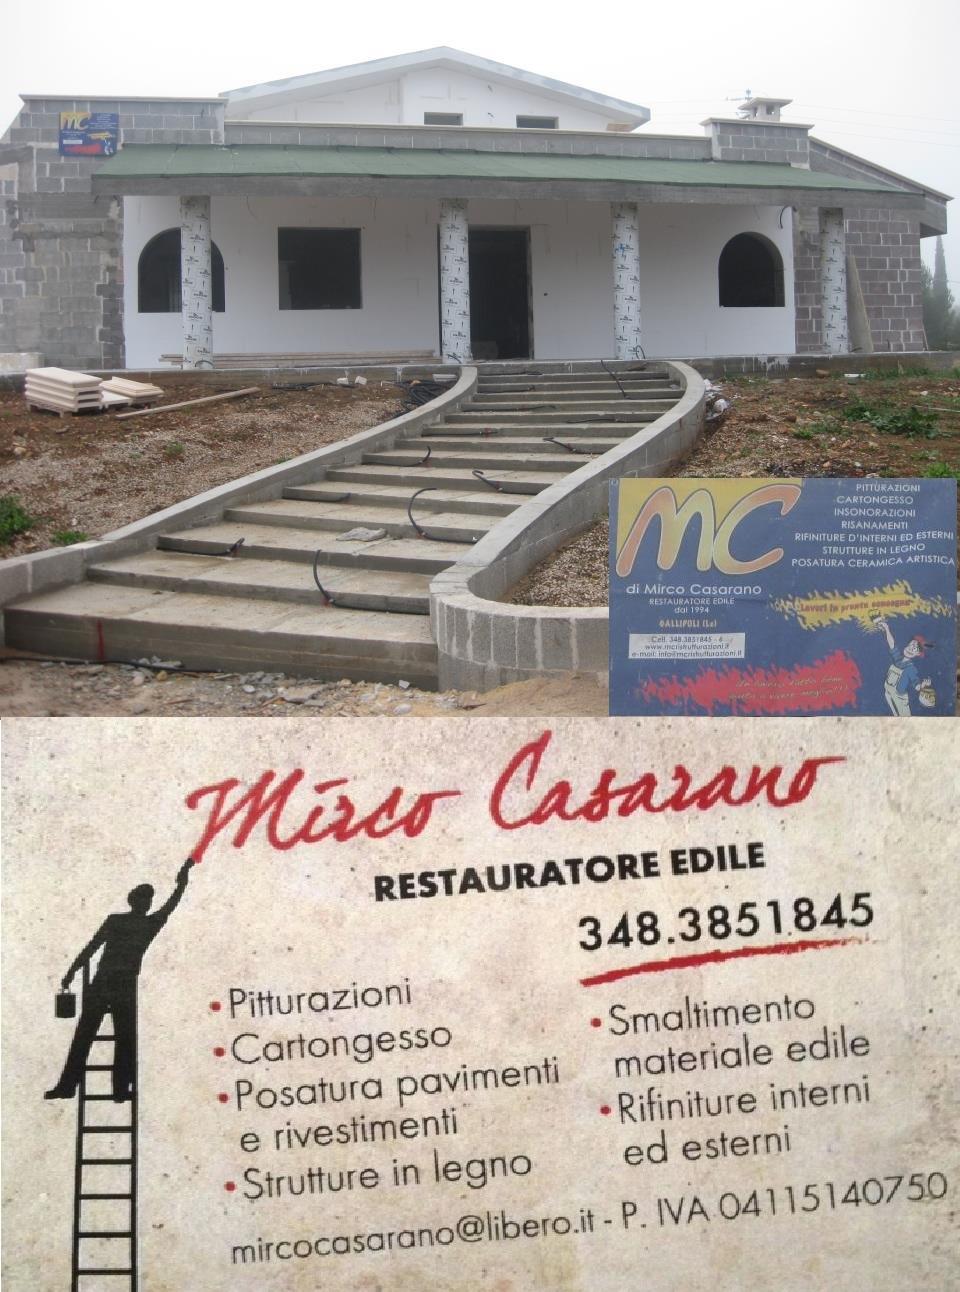 MC di Mirco Casarano - Impresa Edile